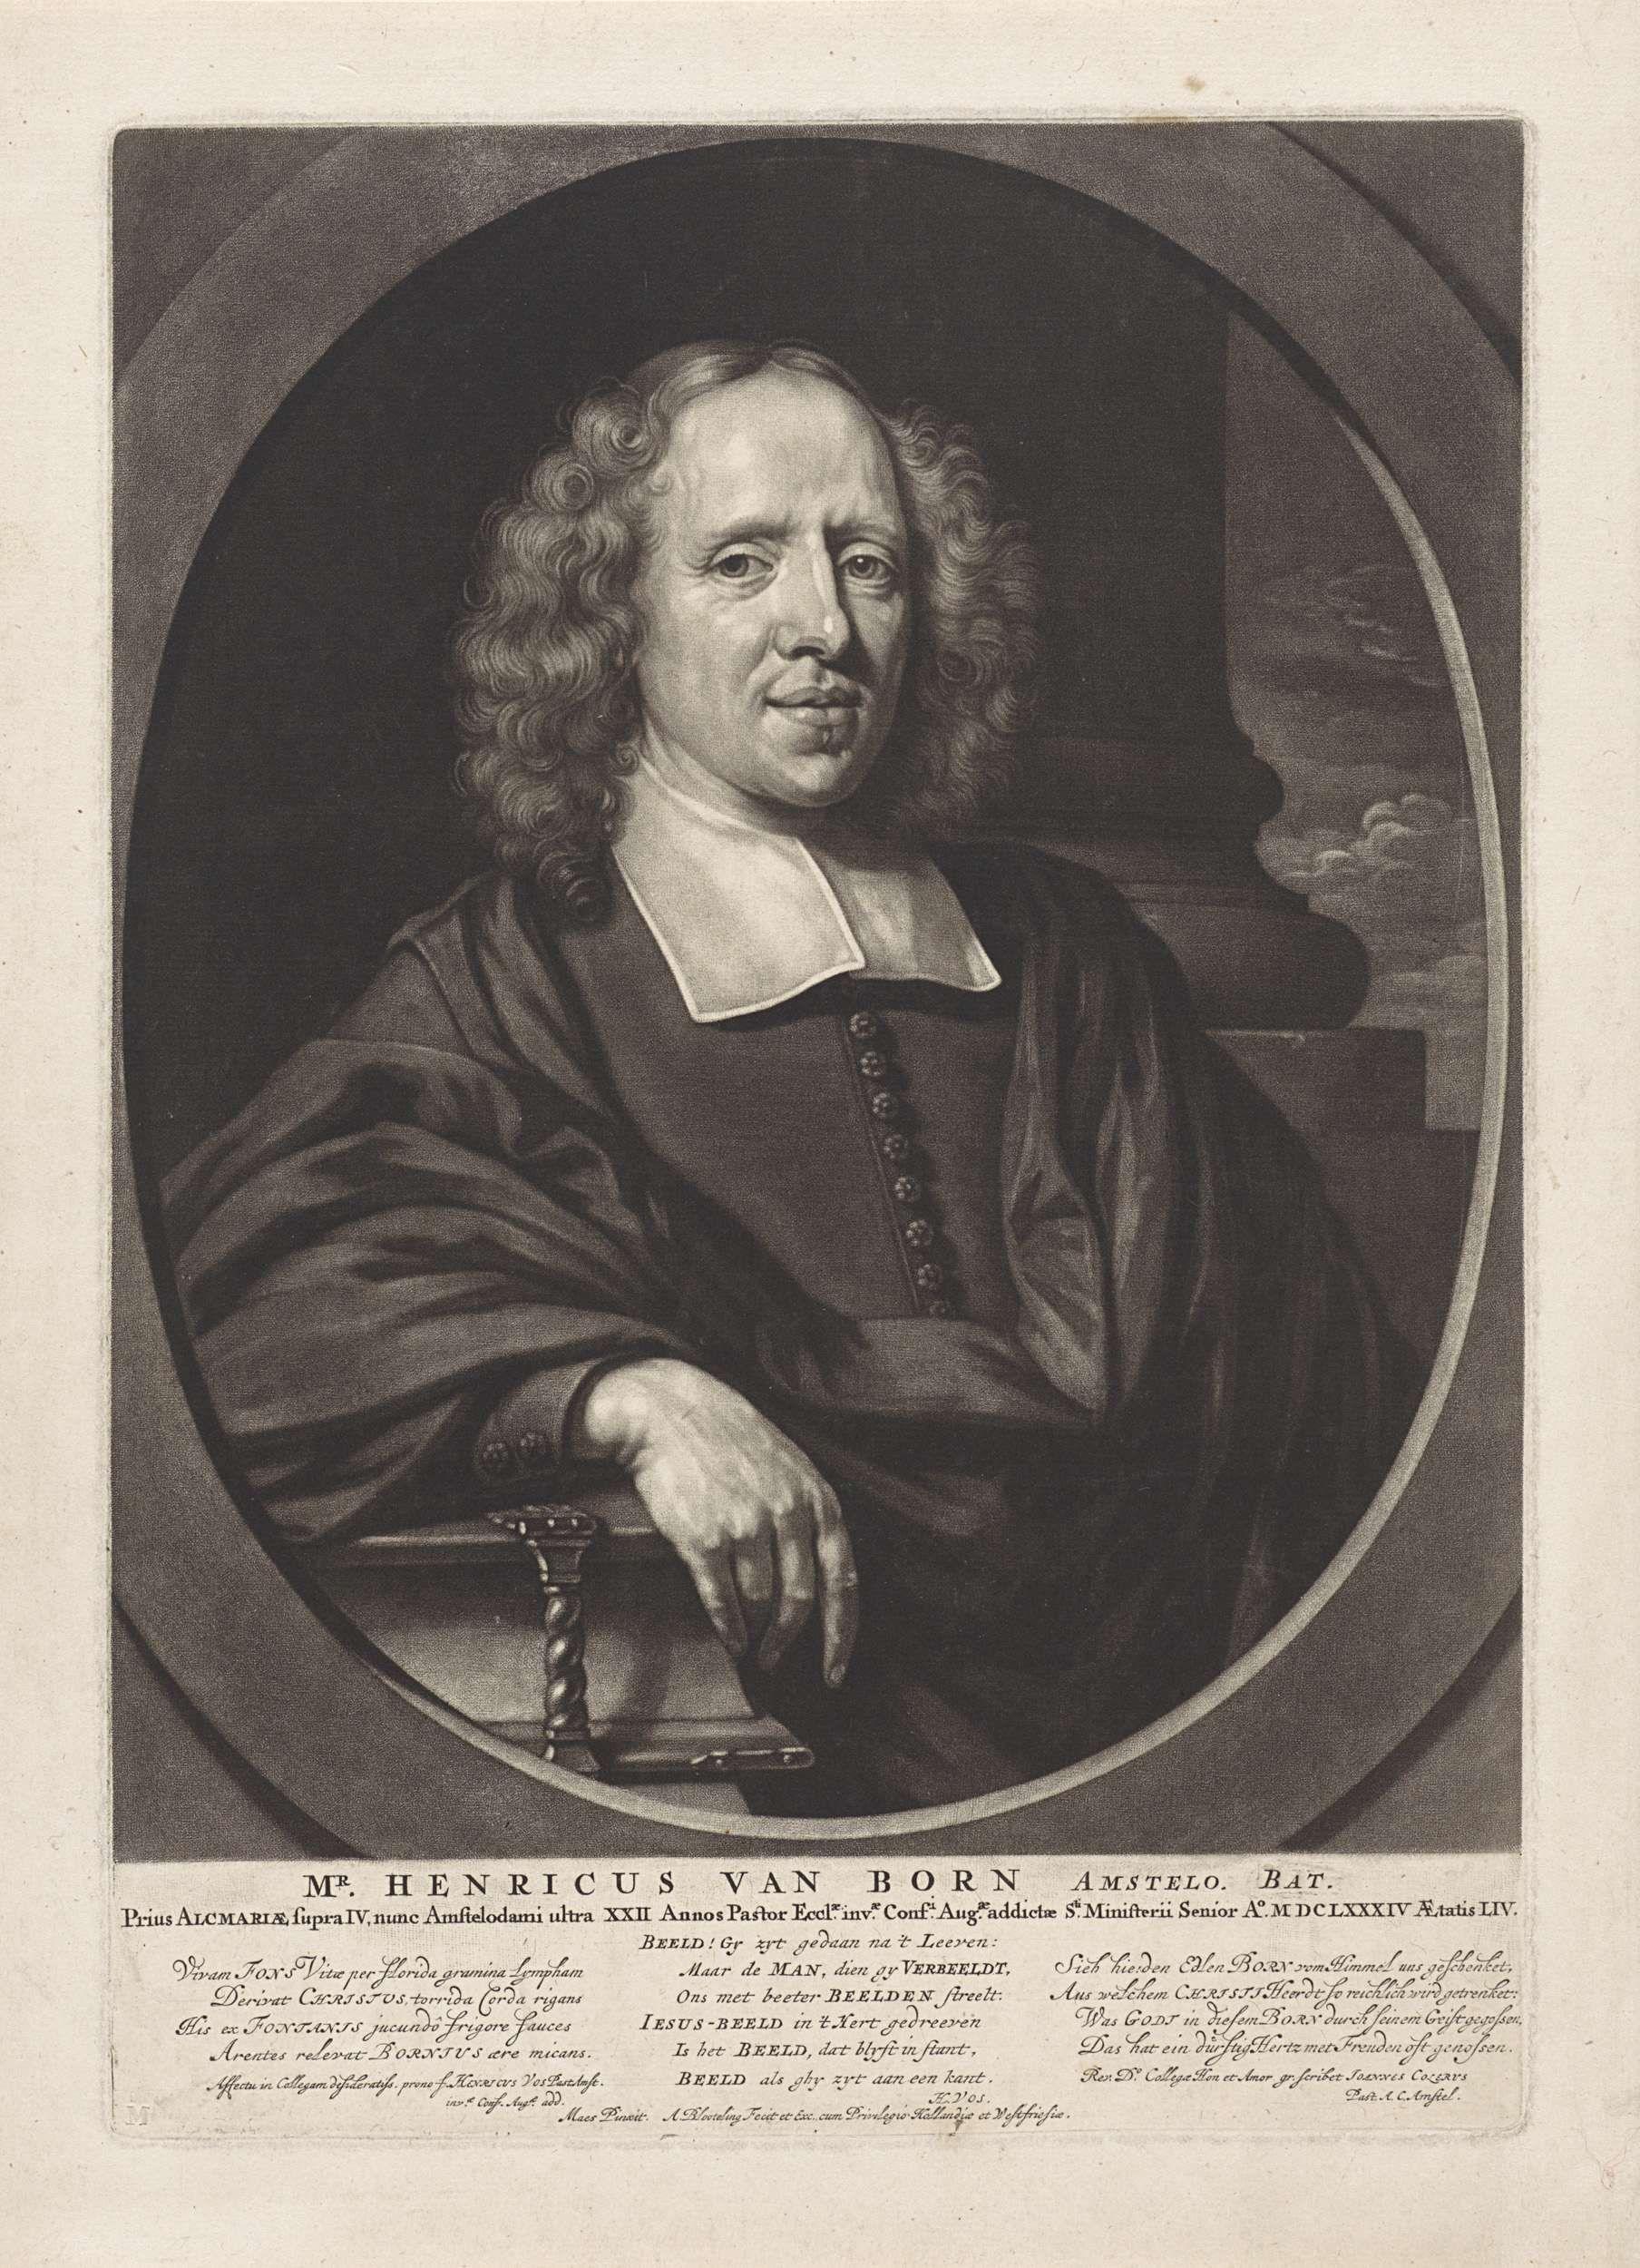 Abraham Bloteling | Portret van Henricus van Born, Abraham Bloteling, 1684 | Portret van Henricus van Born, theoloog te Amsterdam. Zijn arm rust op de bijbel.